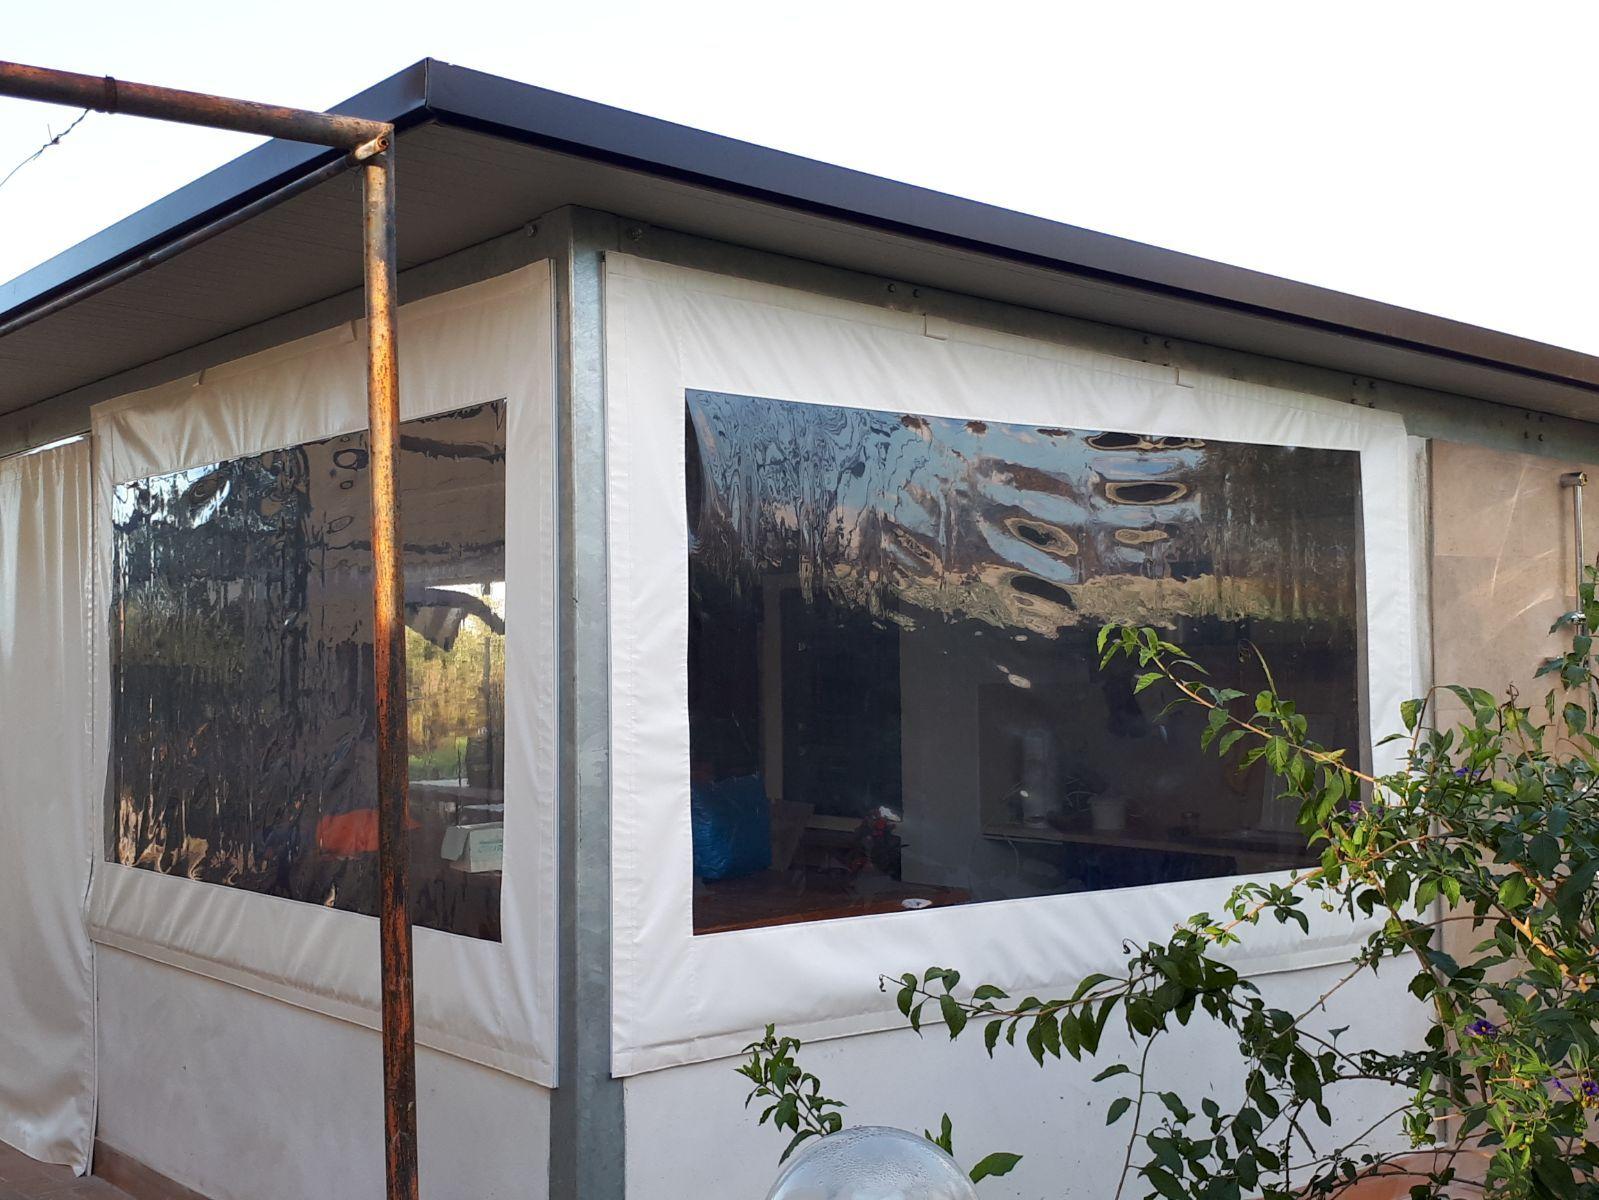 pannelli in Cristal antivento Esterno, Struttura, Villa